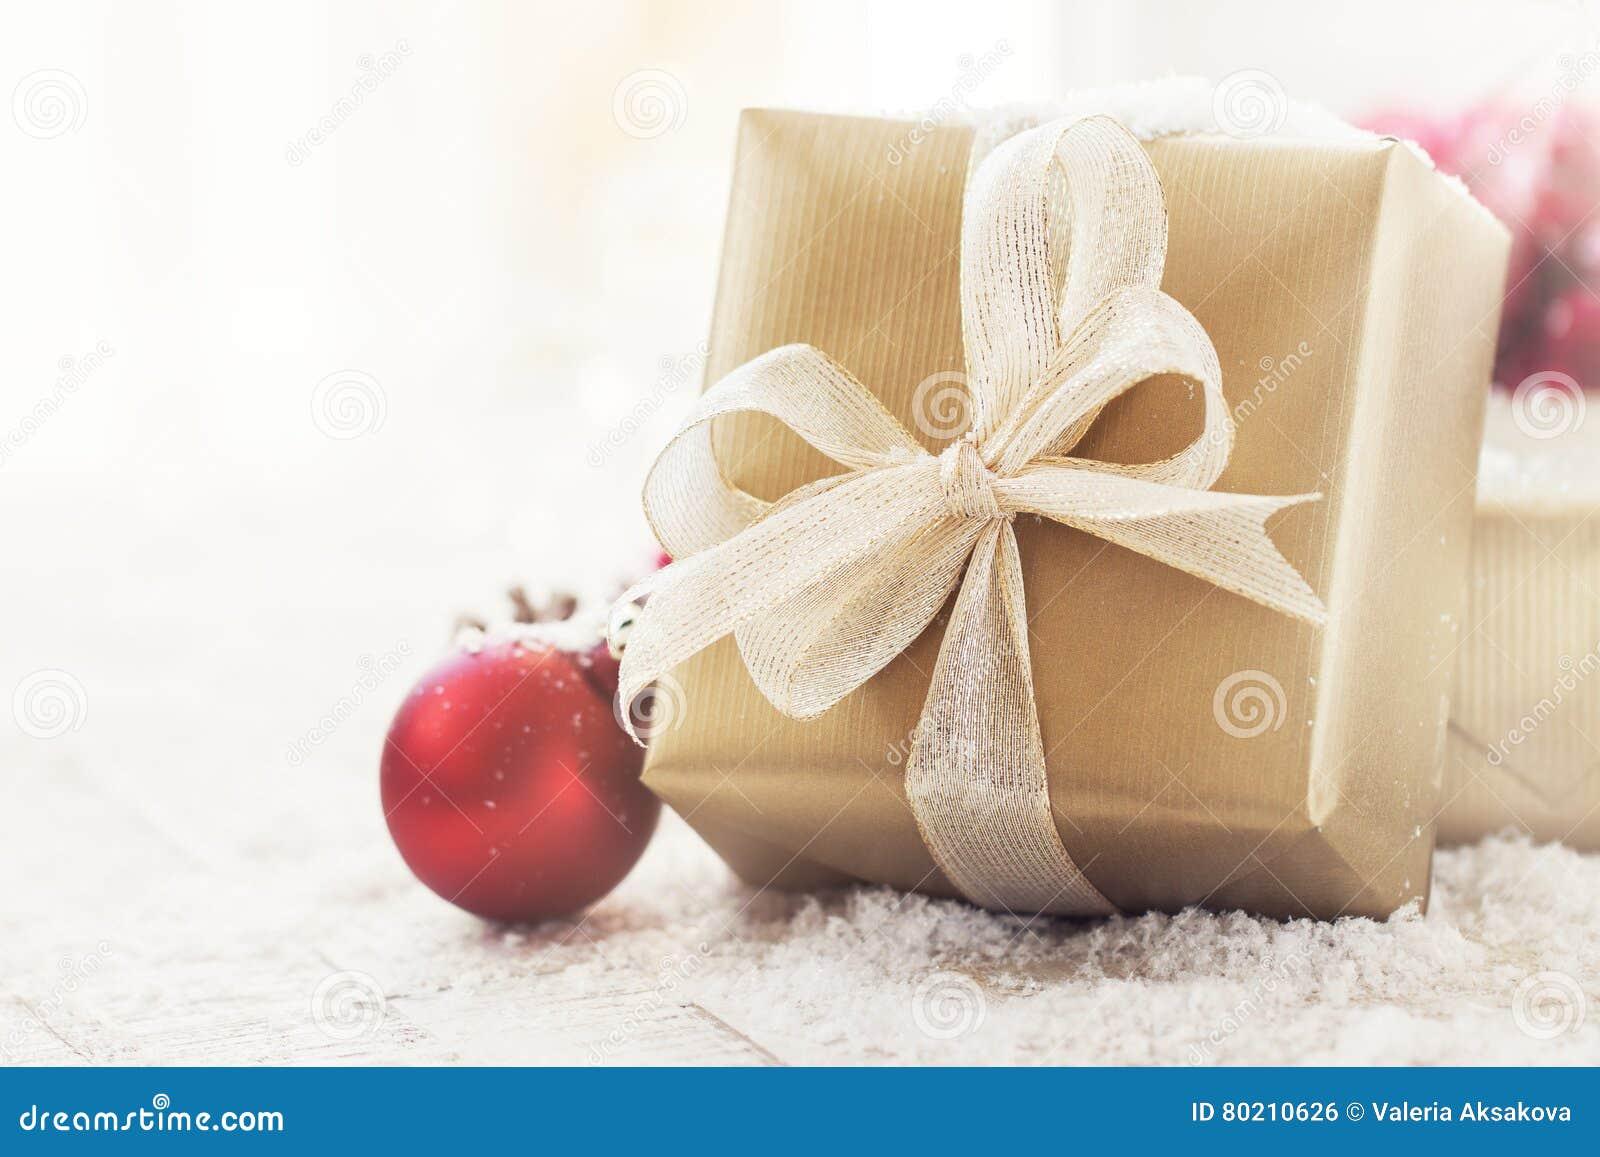 Regali Di Natale Eleganti.Regali Di Natale O Regali Con Le Decorazioni Eleganti Di Natale E Dell Arco Su Fondo Nevoso Luminoso Fotografia Stock Immagine Di Natale Avvenimento 80210626